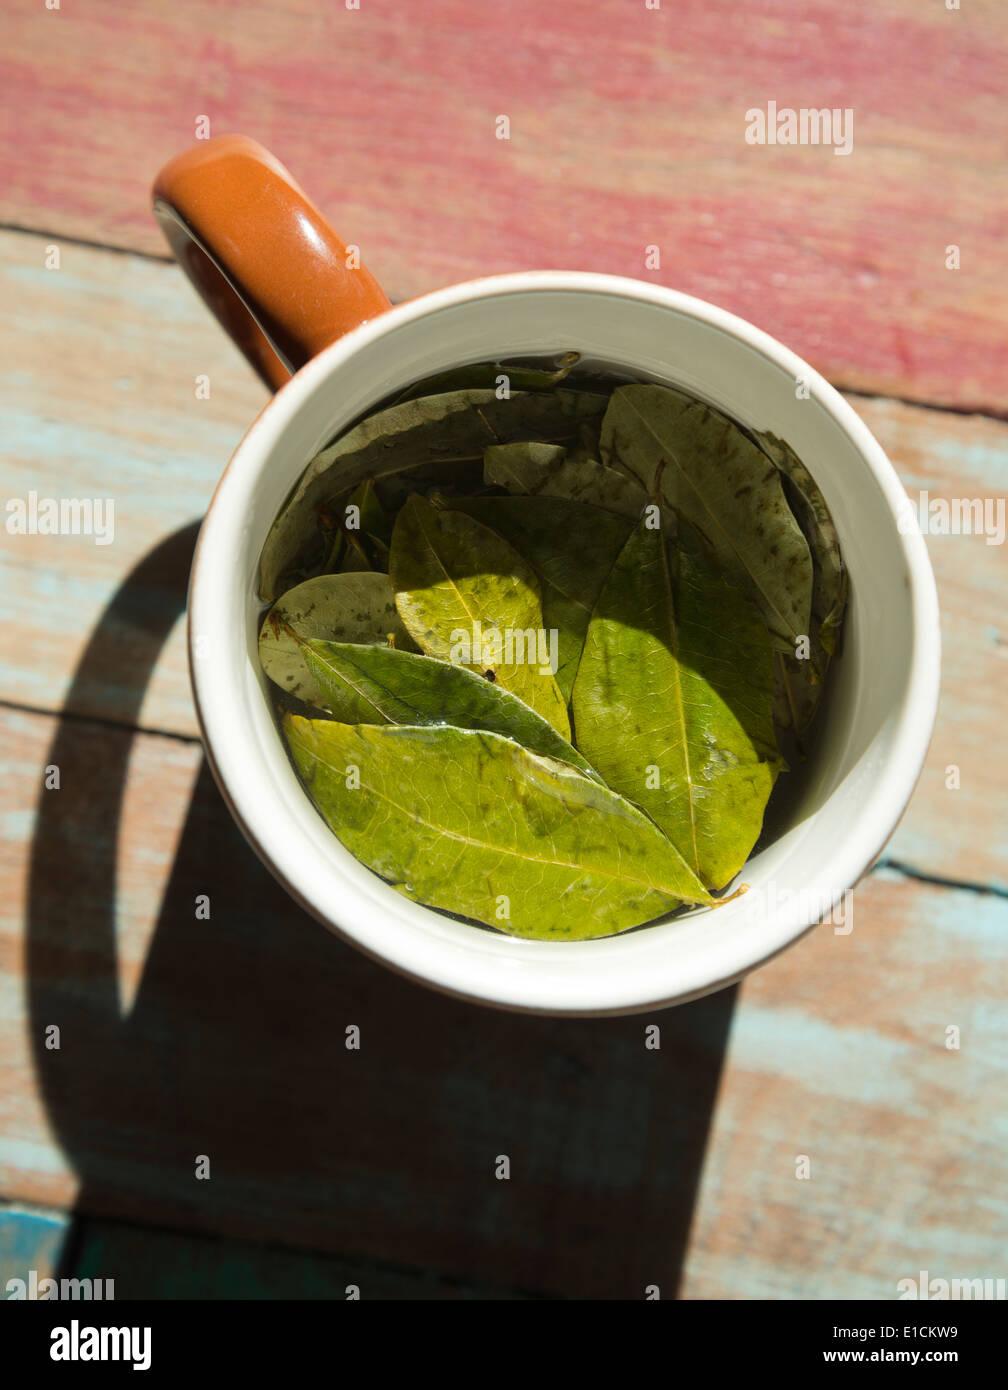 Coca-Blätter in heißem Wasser, Coca Tee zu machen;  Was ist ein Heilmittel für Höhenkrankheit in bergigen Regionen von Südamerika. Stockbild